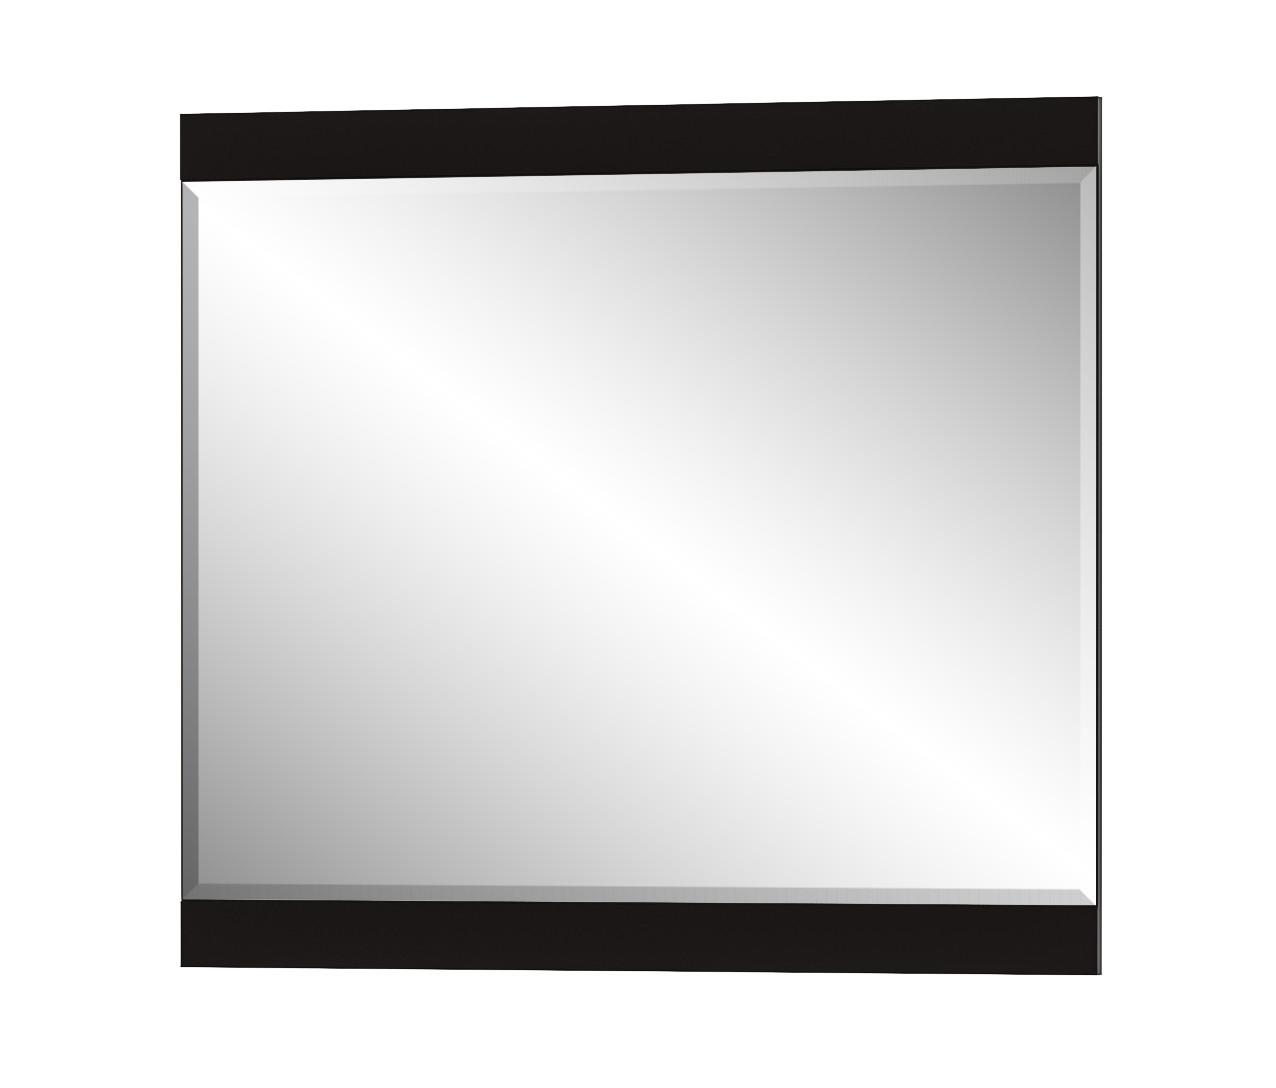 Зеркало Ева маскар Мебель-сервис